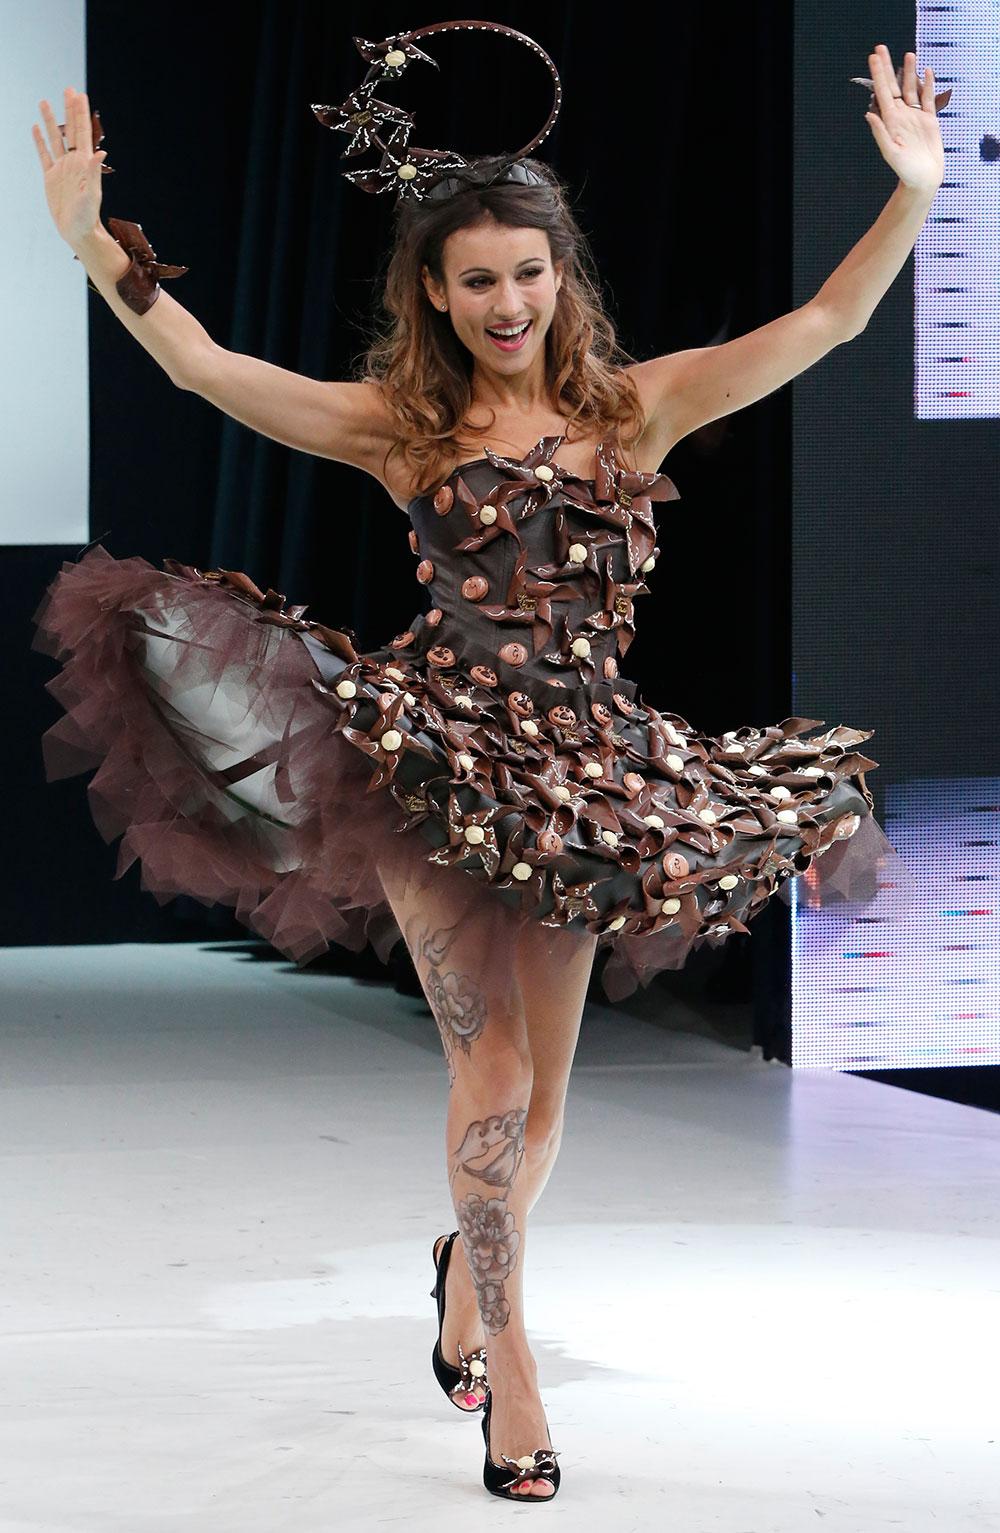 फ्रेंच ब्रॉडकास्टर मॅरी-अँन्ज केसेल्टा... चॉकलेट ड्रेसमध्ये...